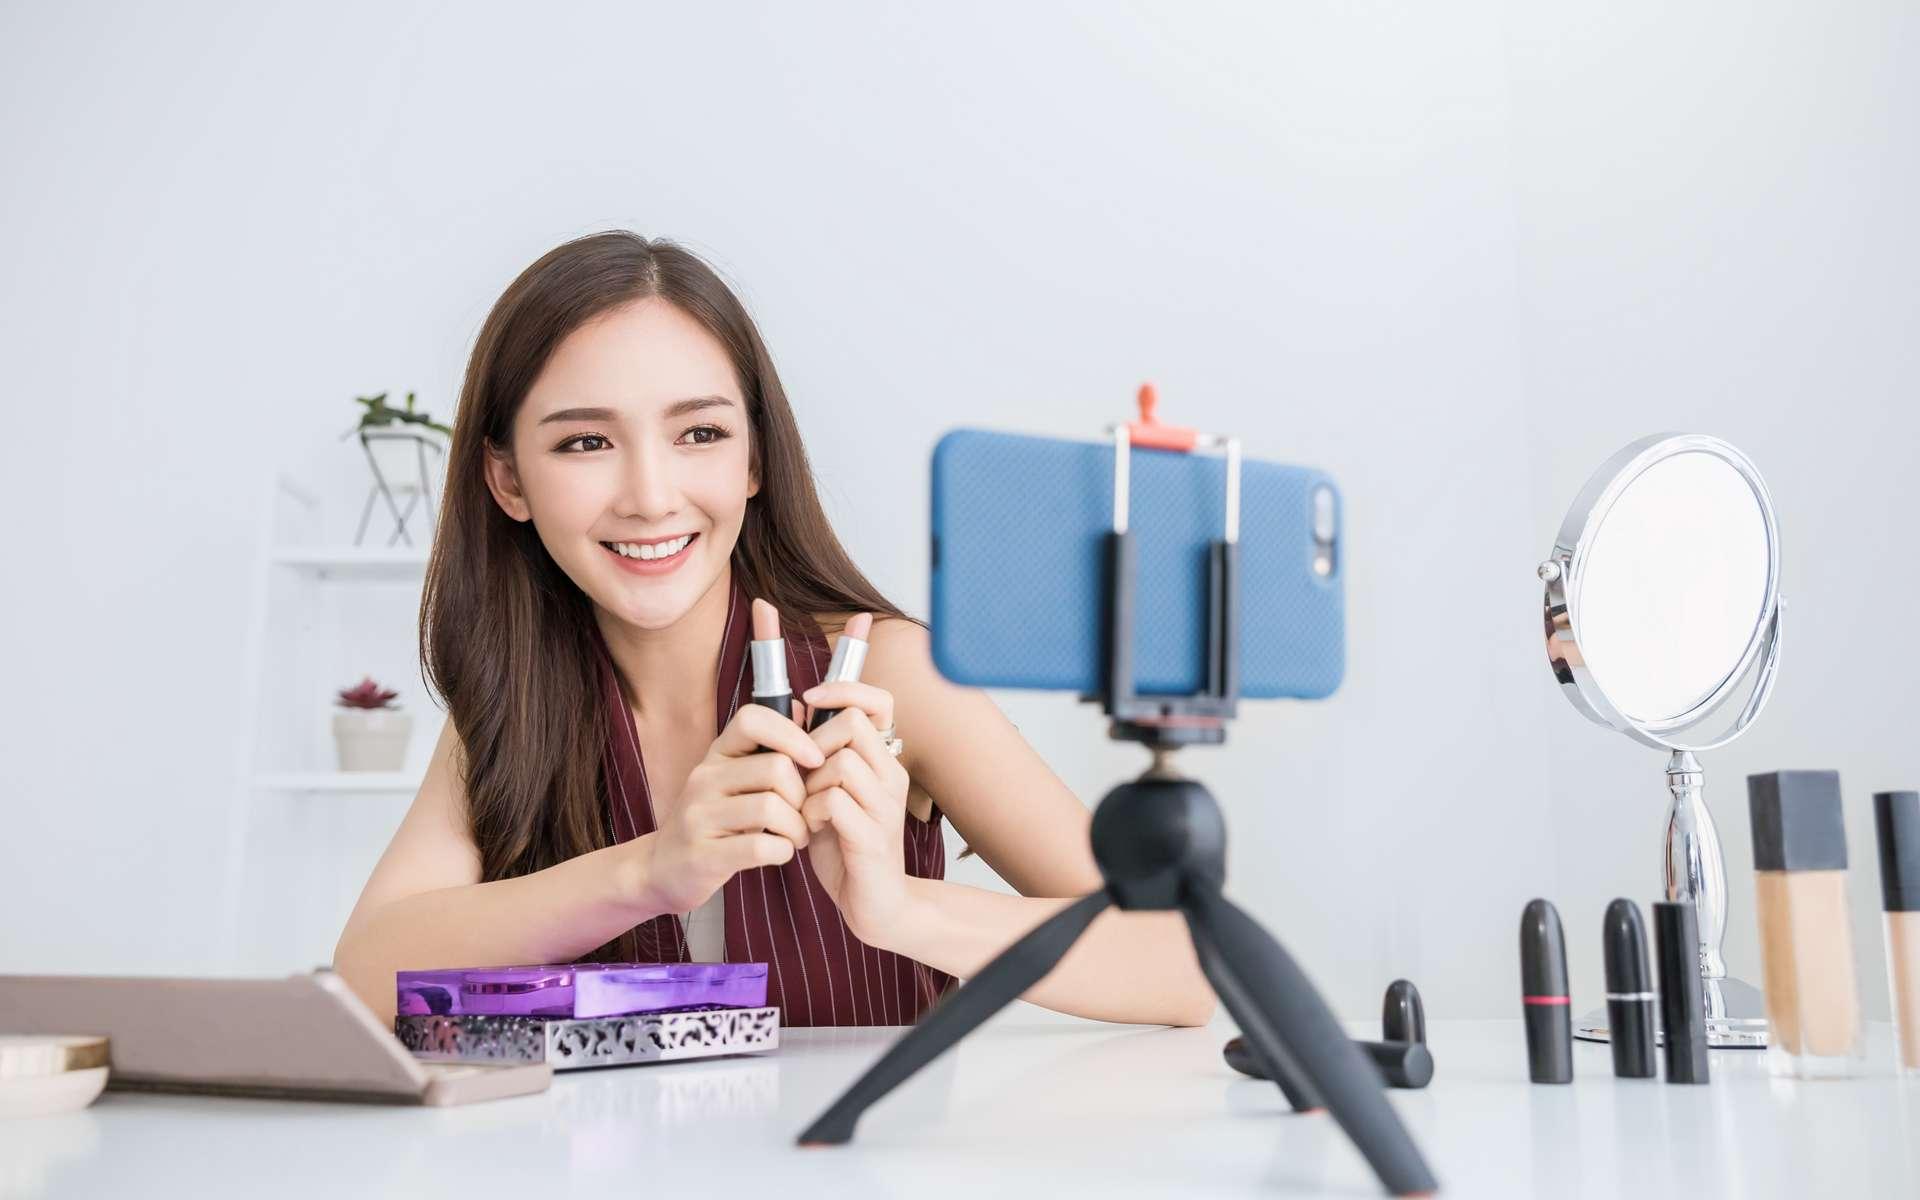 Maquillage, sport, humour… Le youtubeur parle de la vraie vie et fédère ses abonnés autour de thèmes auxquels ils peuvent s'identifier. © paulaphoto, Adobe Stock.